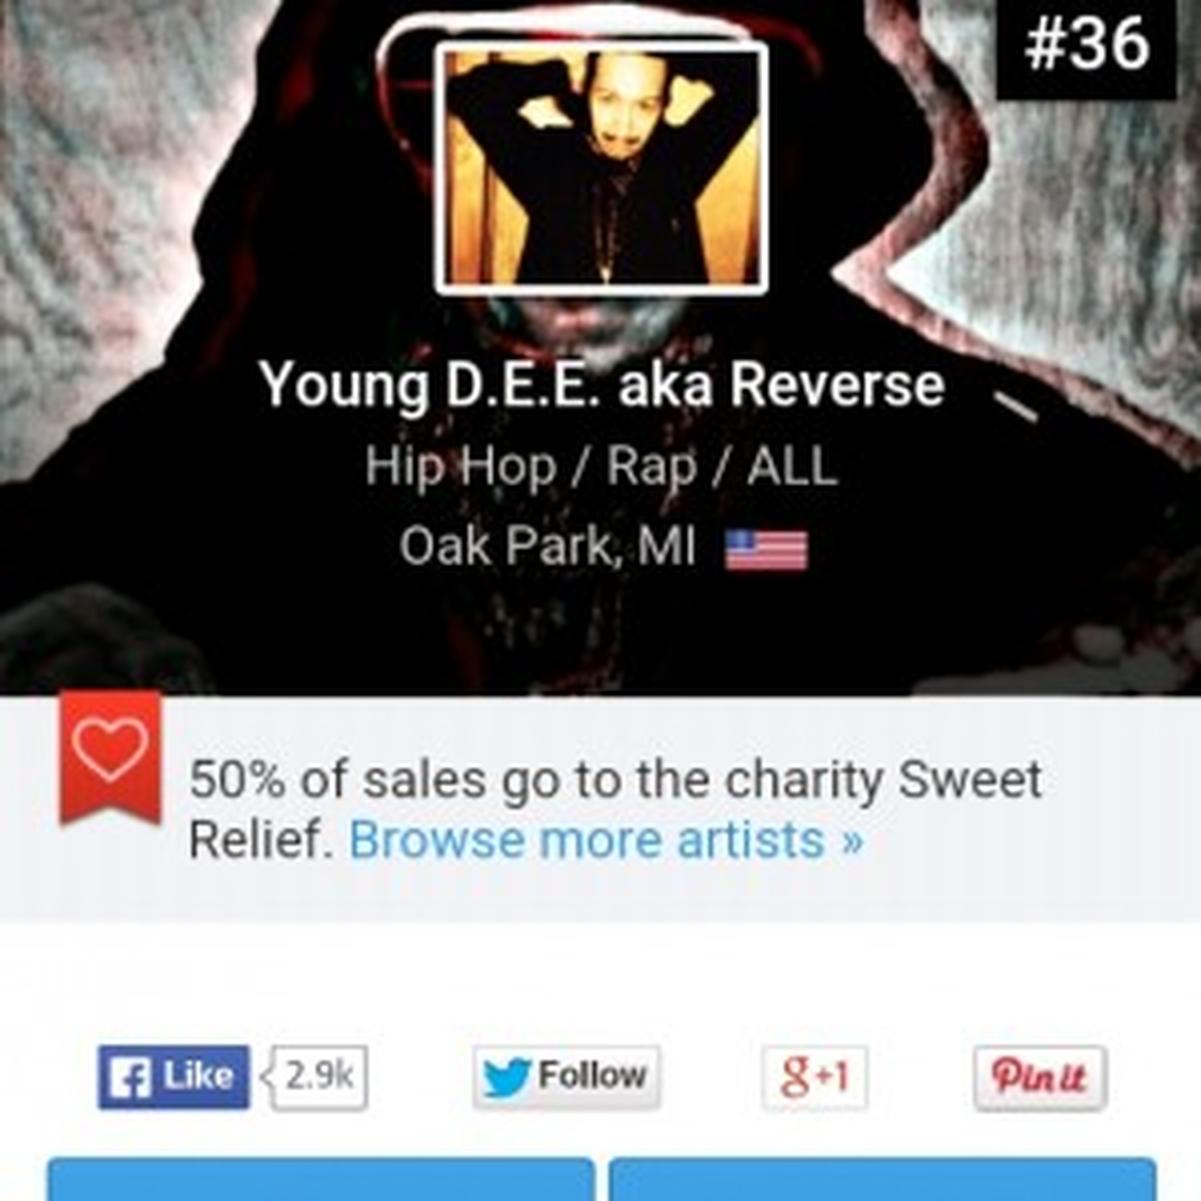 Young D.E.E. aka Reverse